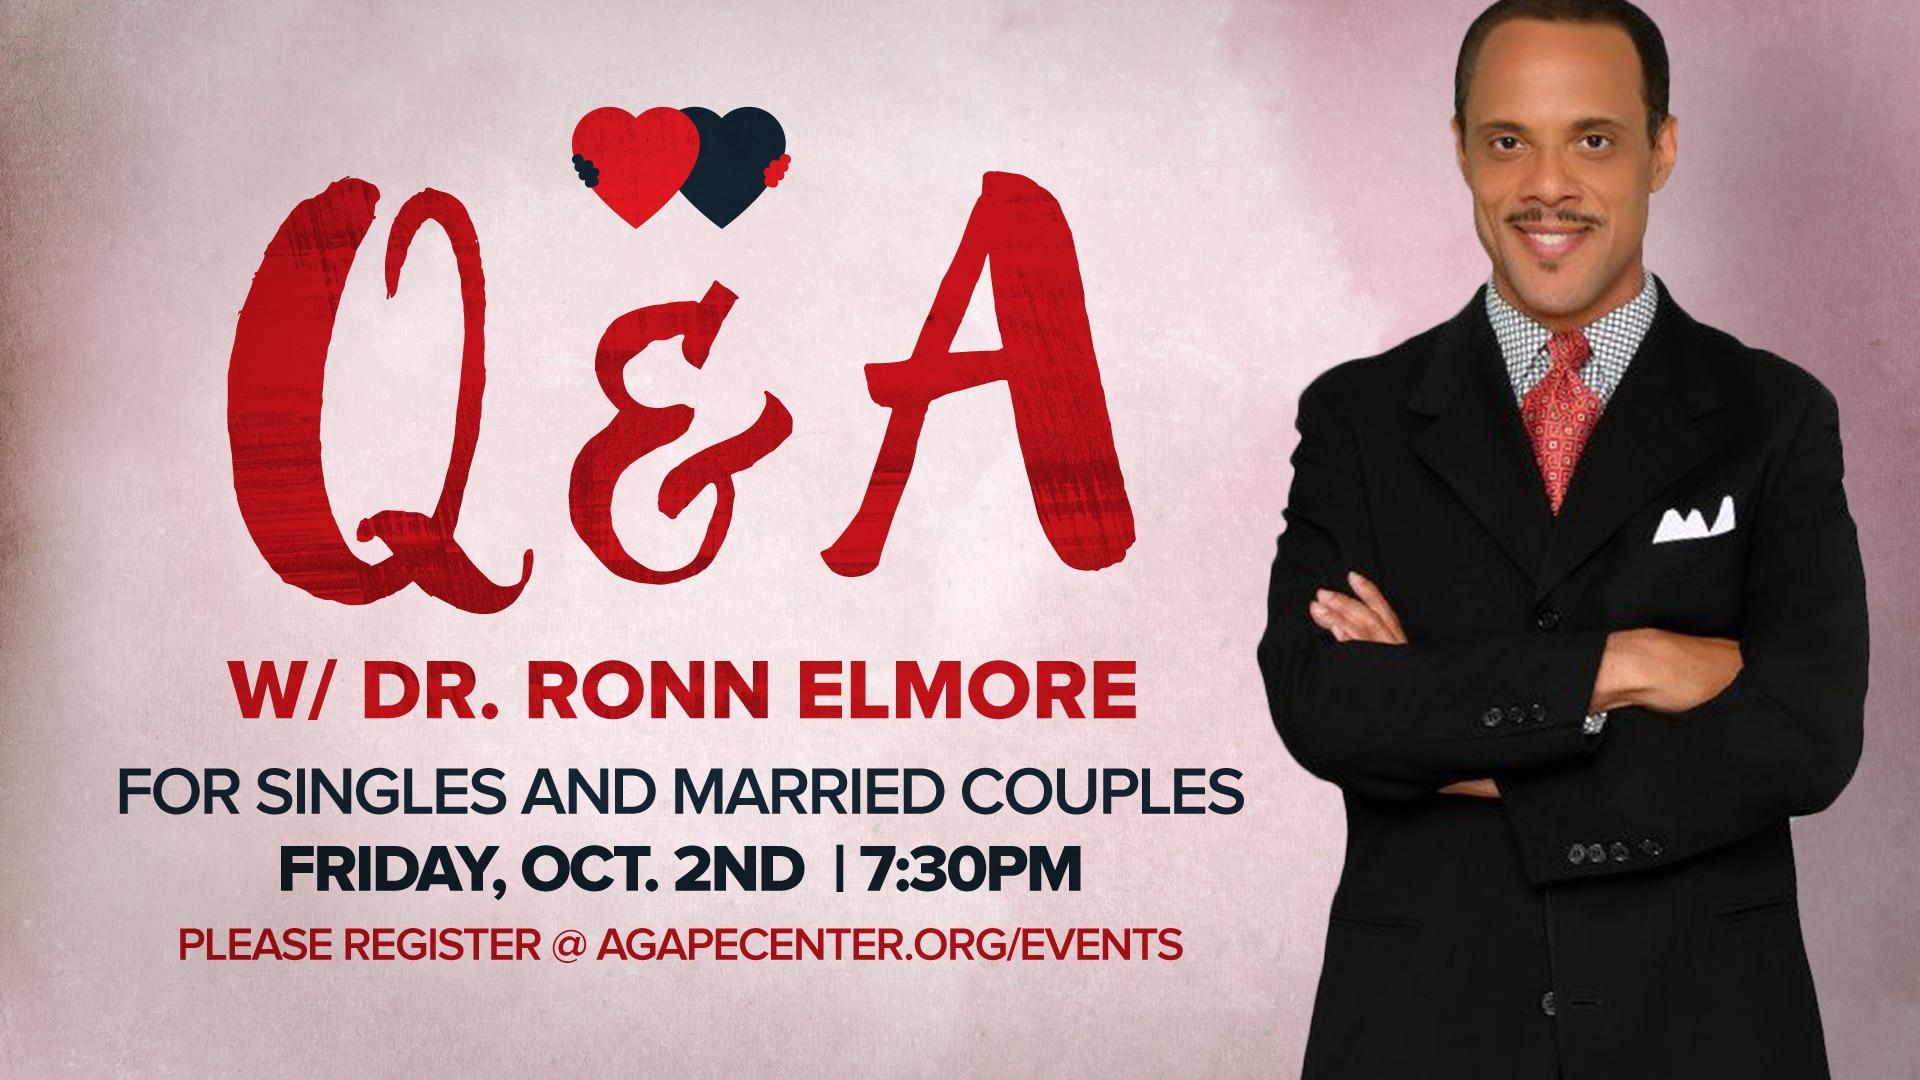 Q & A with Dr. Ronn Elmore